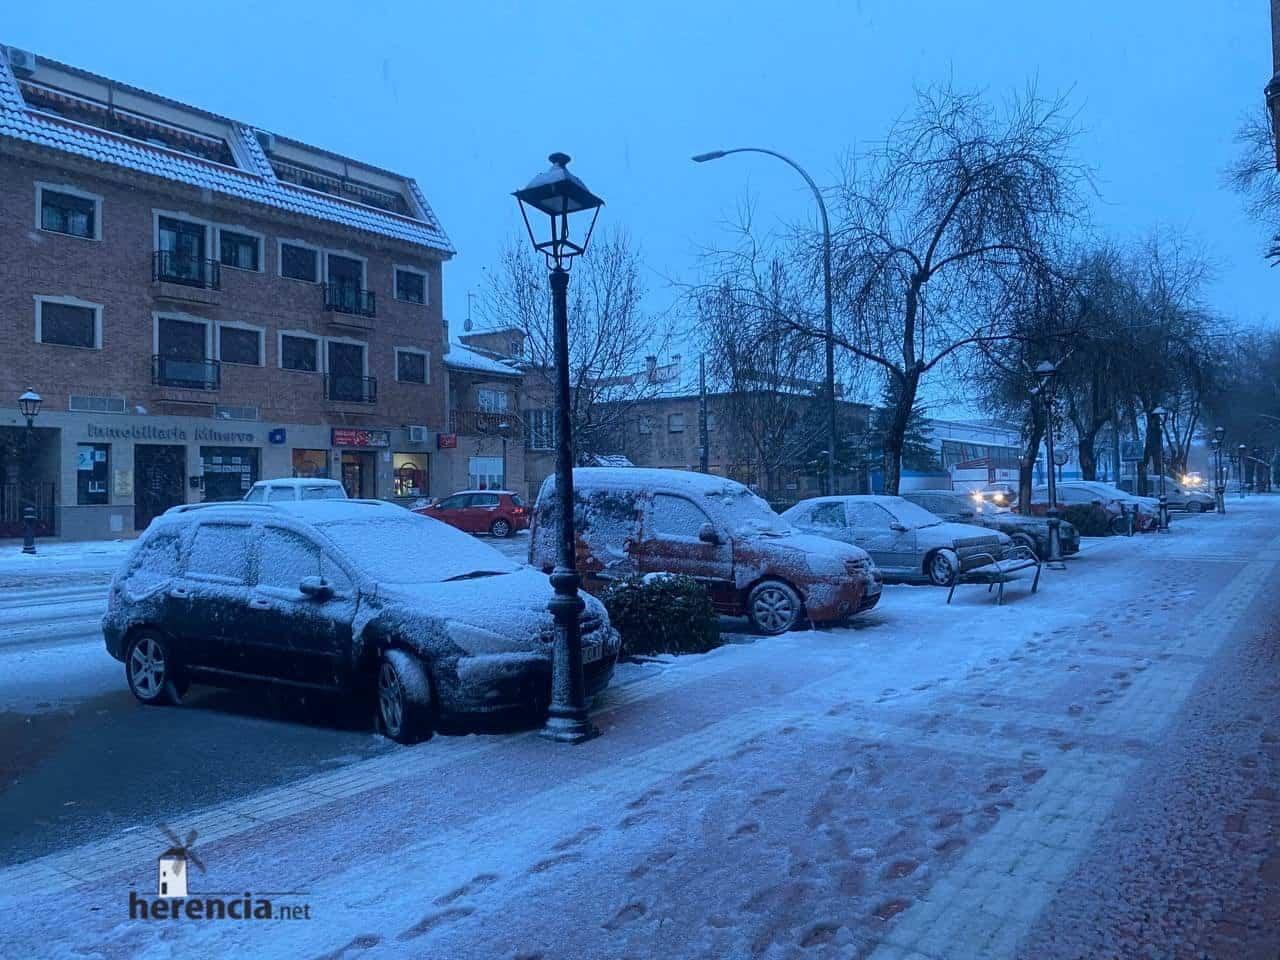 Más fotografías de las nieves de 2021 en Herencia 137